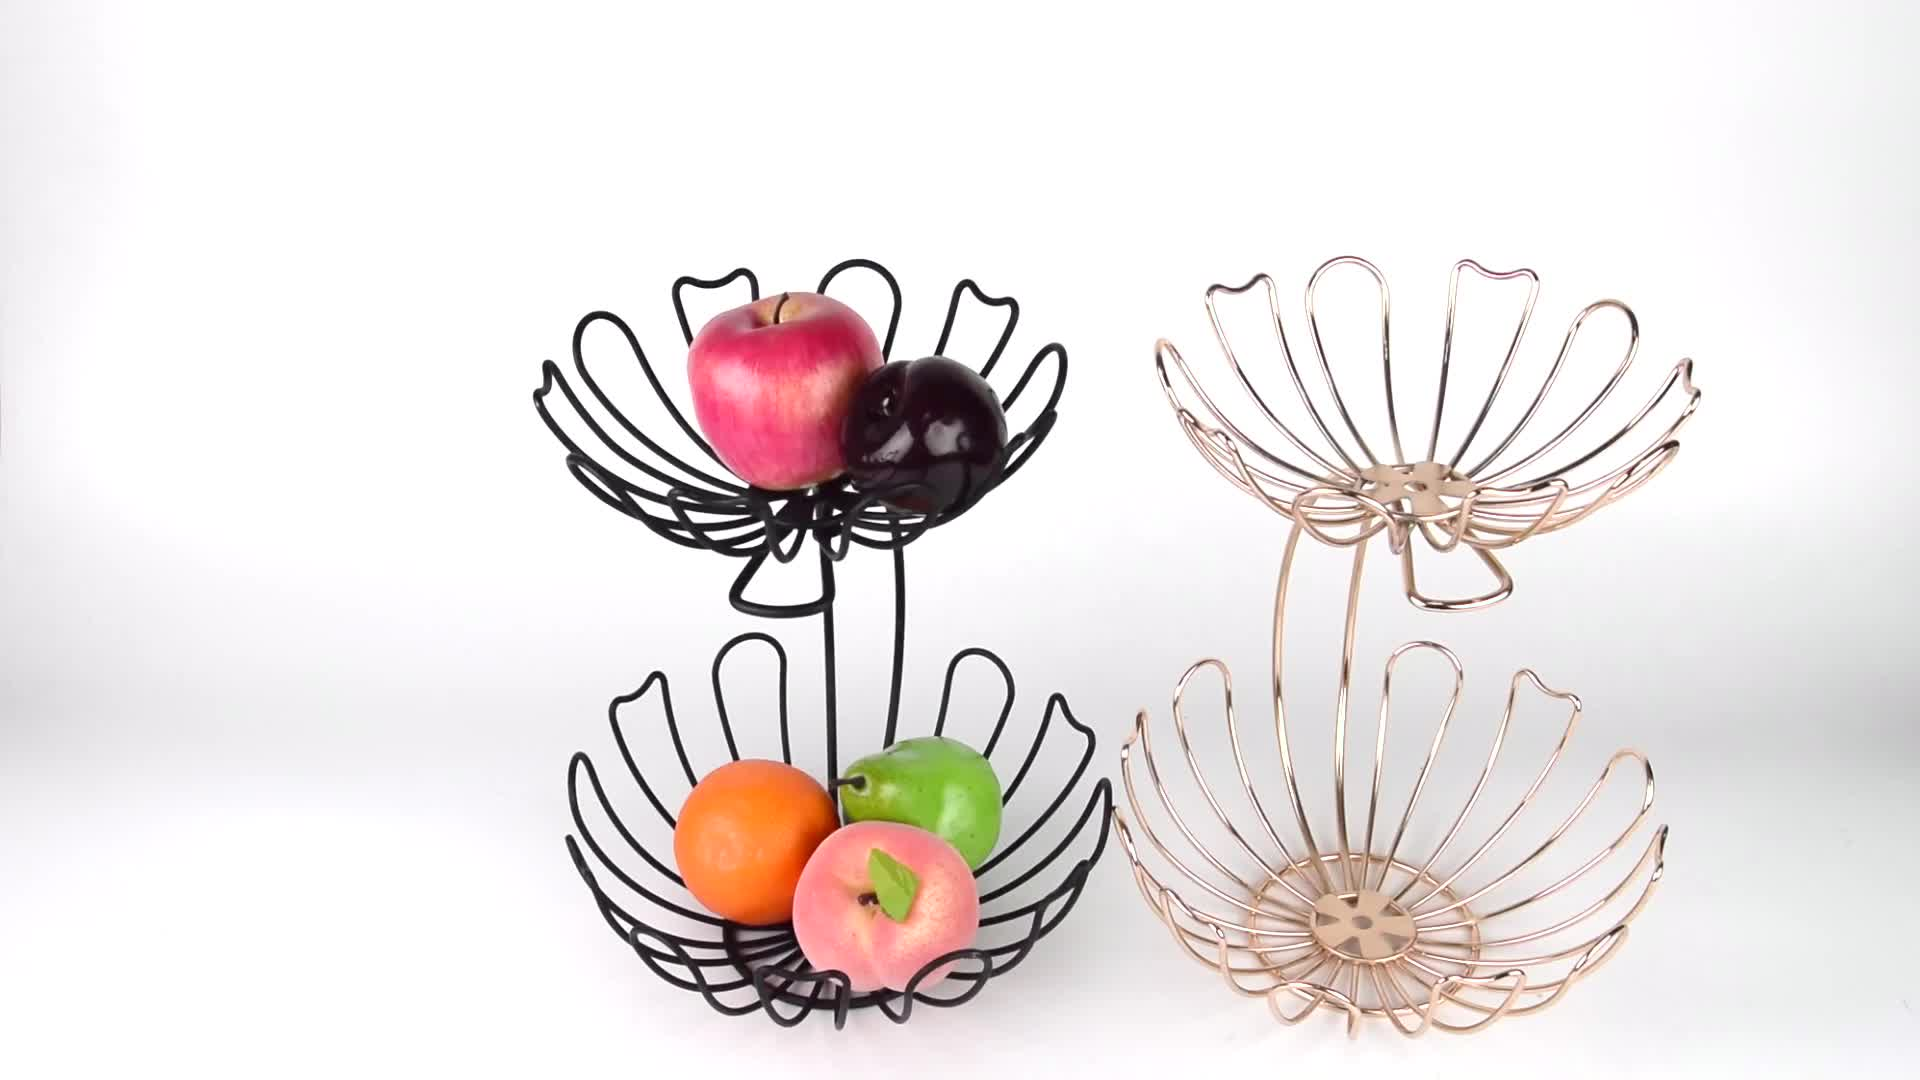 Kitchen Home Storage Display Decorative Iron 2-Tier Fruit Basket